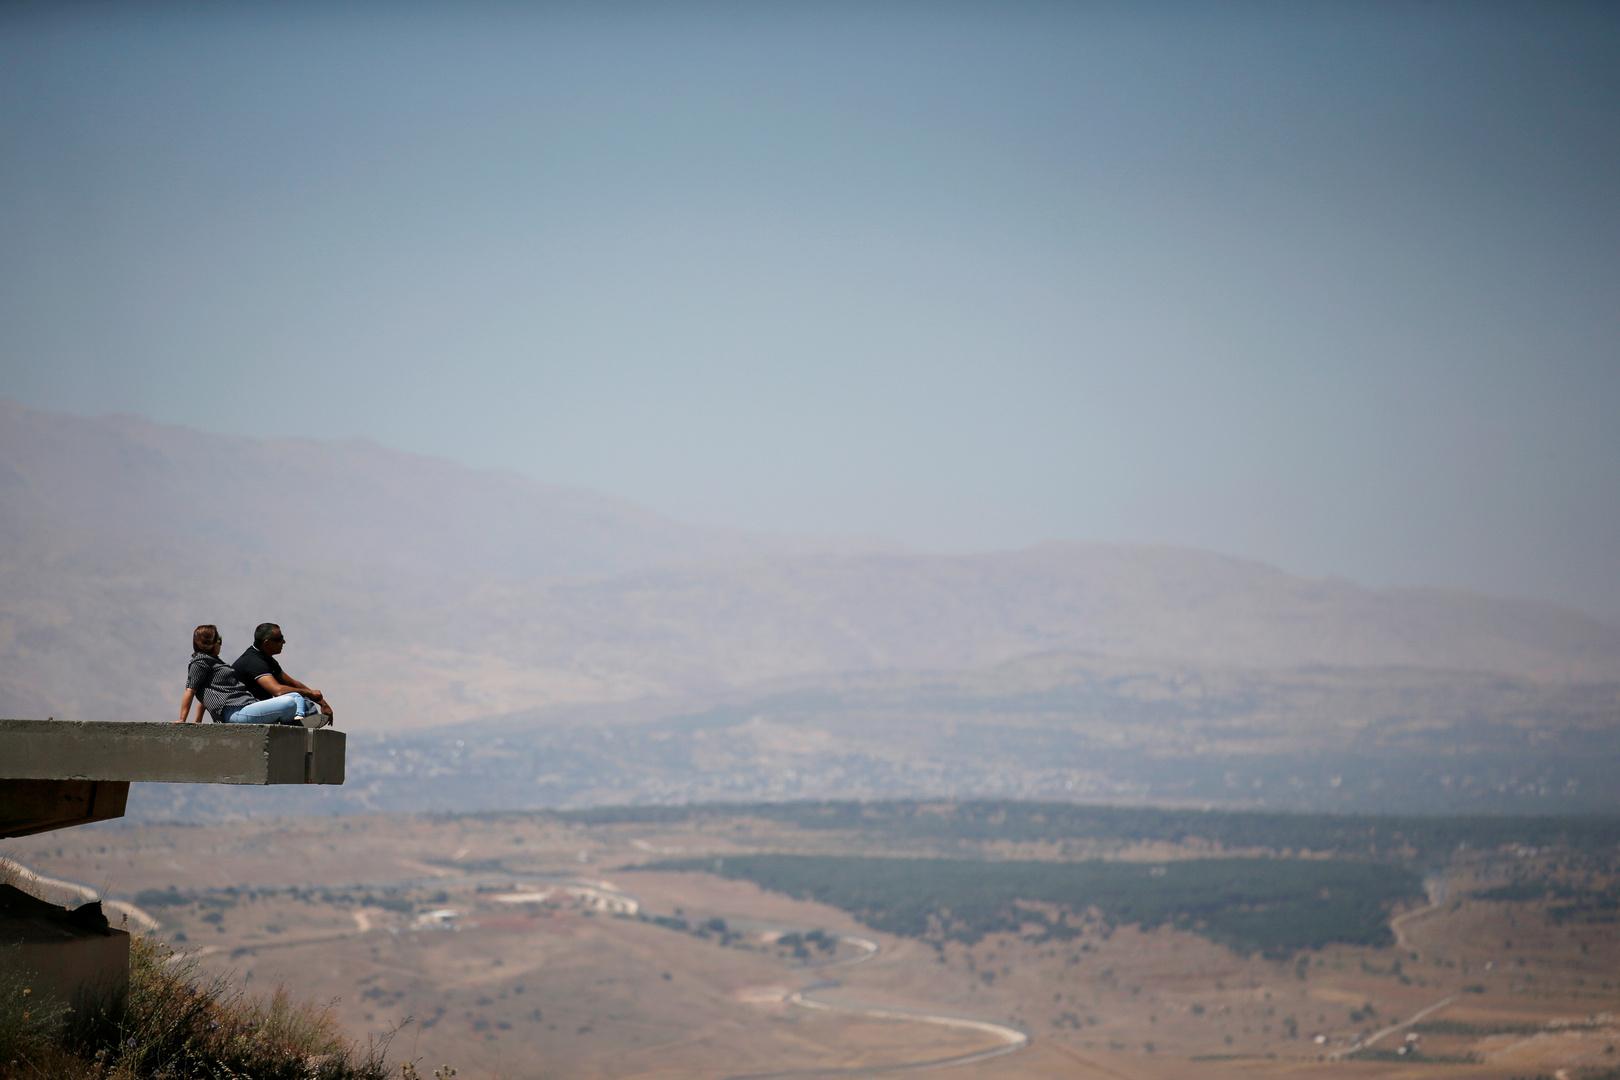 وسائل إعلام: إسرائيل وافقت على إمداد سوريا باللقاحات الروسية ضد كورونا ضمن صفقة التبادل الأخيرة